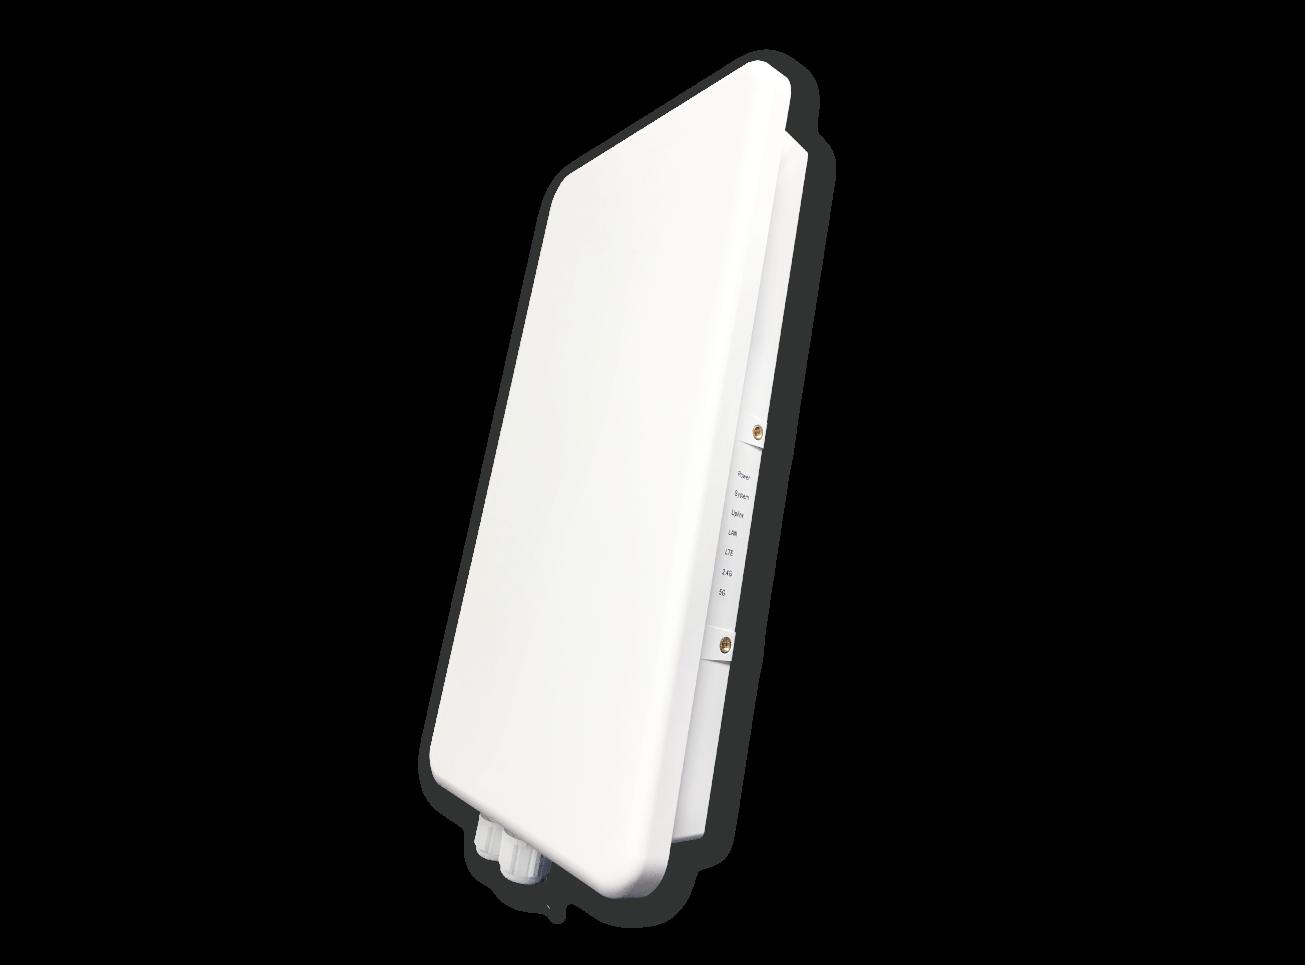 Edgecore WiFi Solution, ecCLOUD, cloud solution, centralized devices management, oap100, outdoor ap, ap, LTE